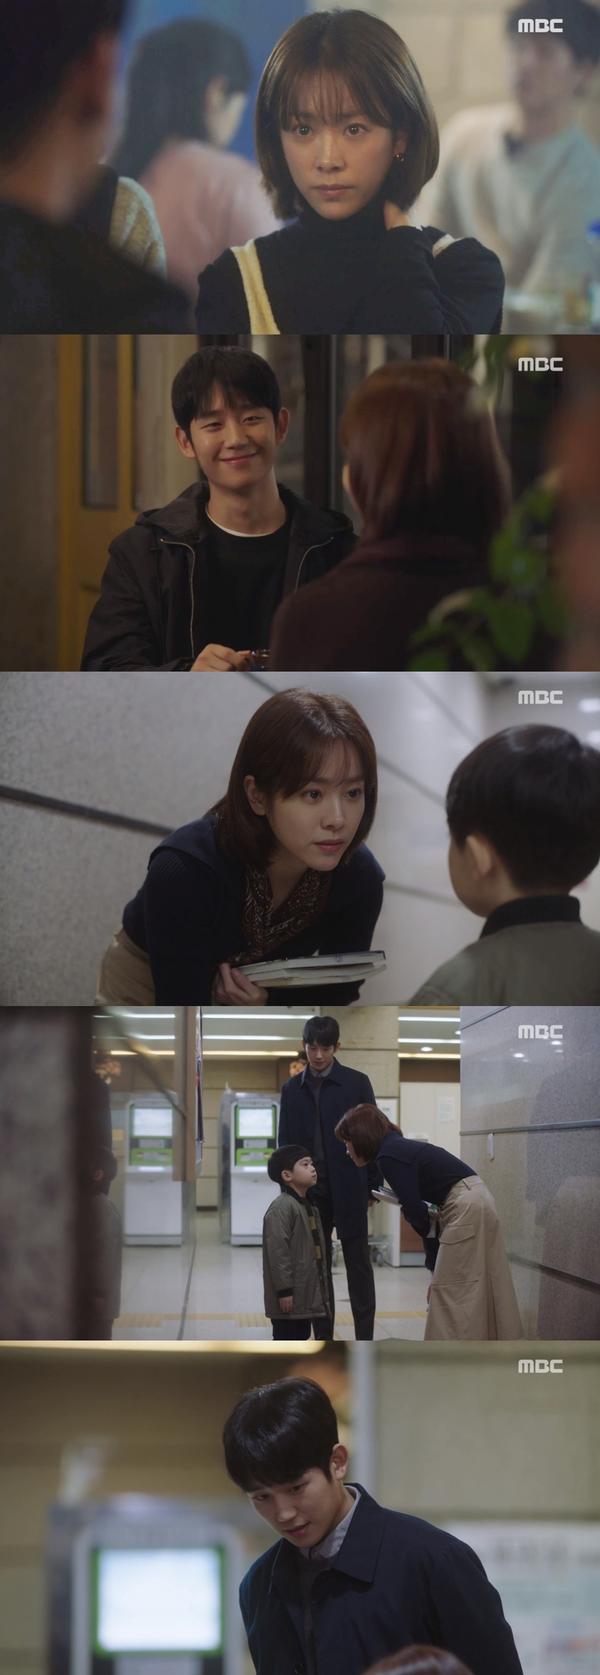 K-net nói gì về Đêm xuân của Han Ji Min và Jung Hae In, liệu có giống Chị đẹp mua cơm ngon cho tôi? ảnh 5